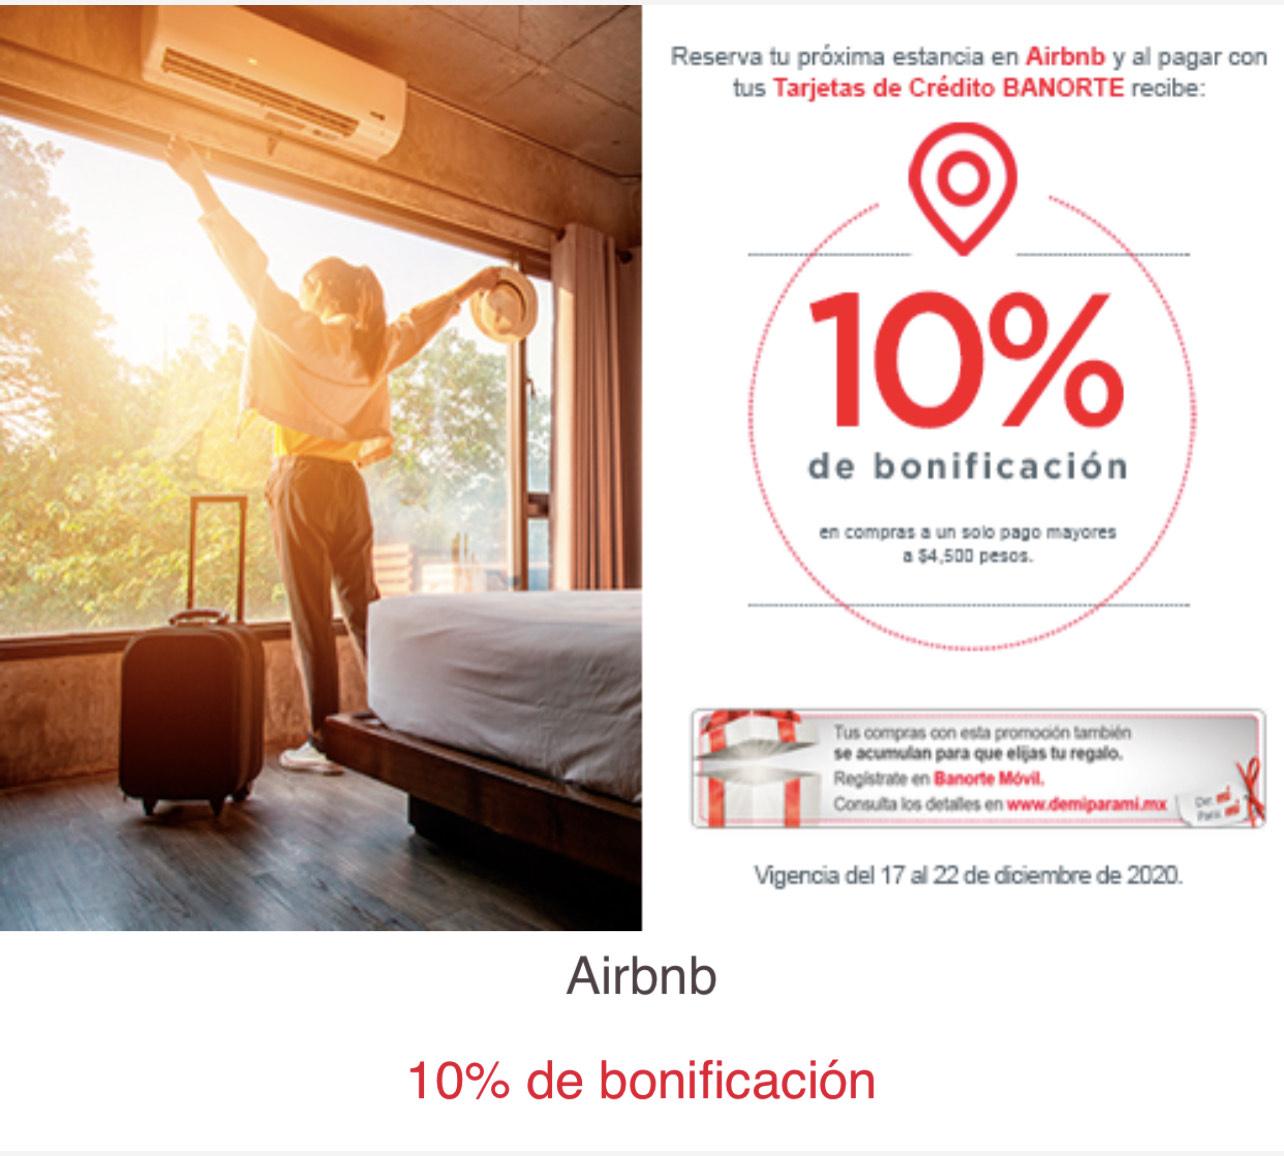 10% de bonificación en Airbnb pagando con Banorte